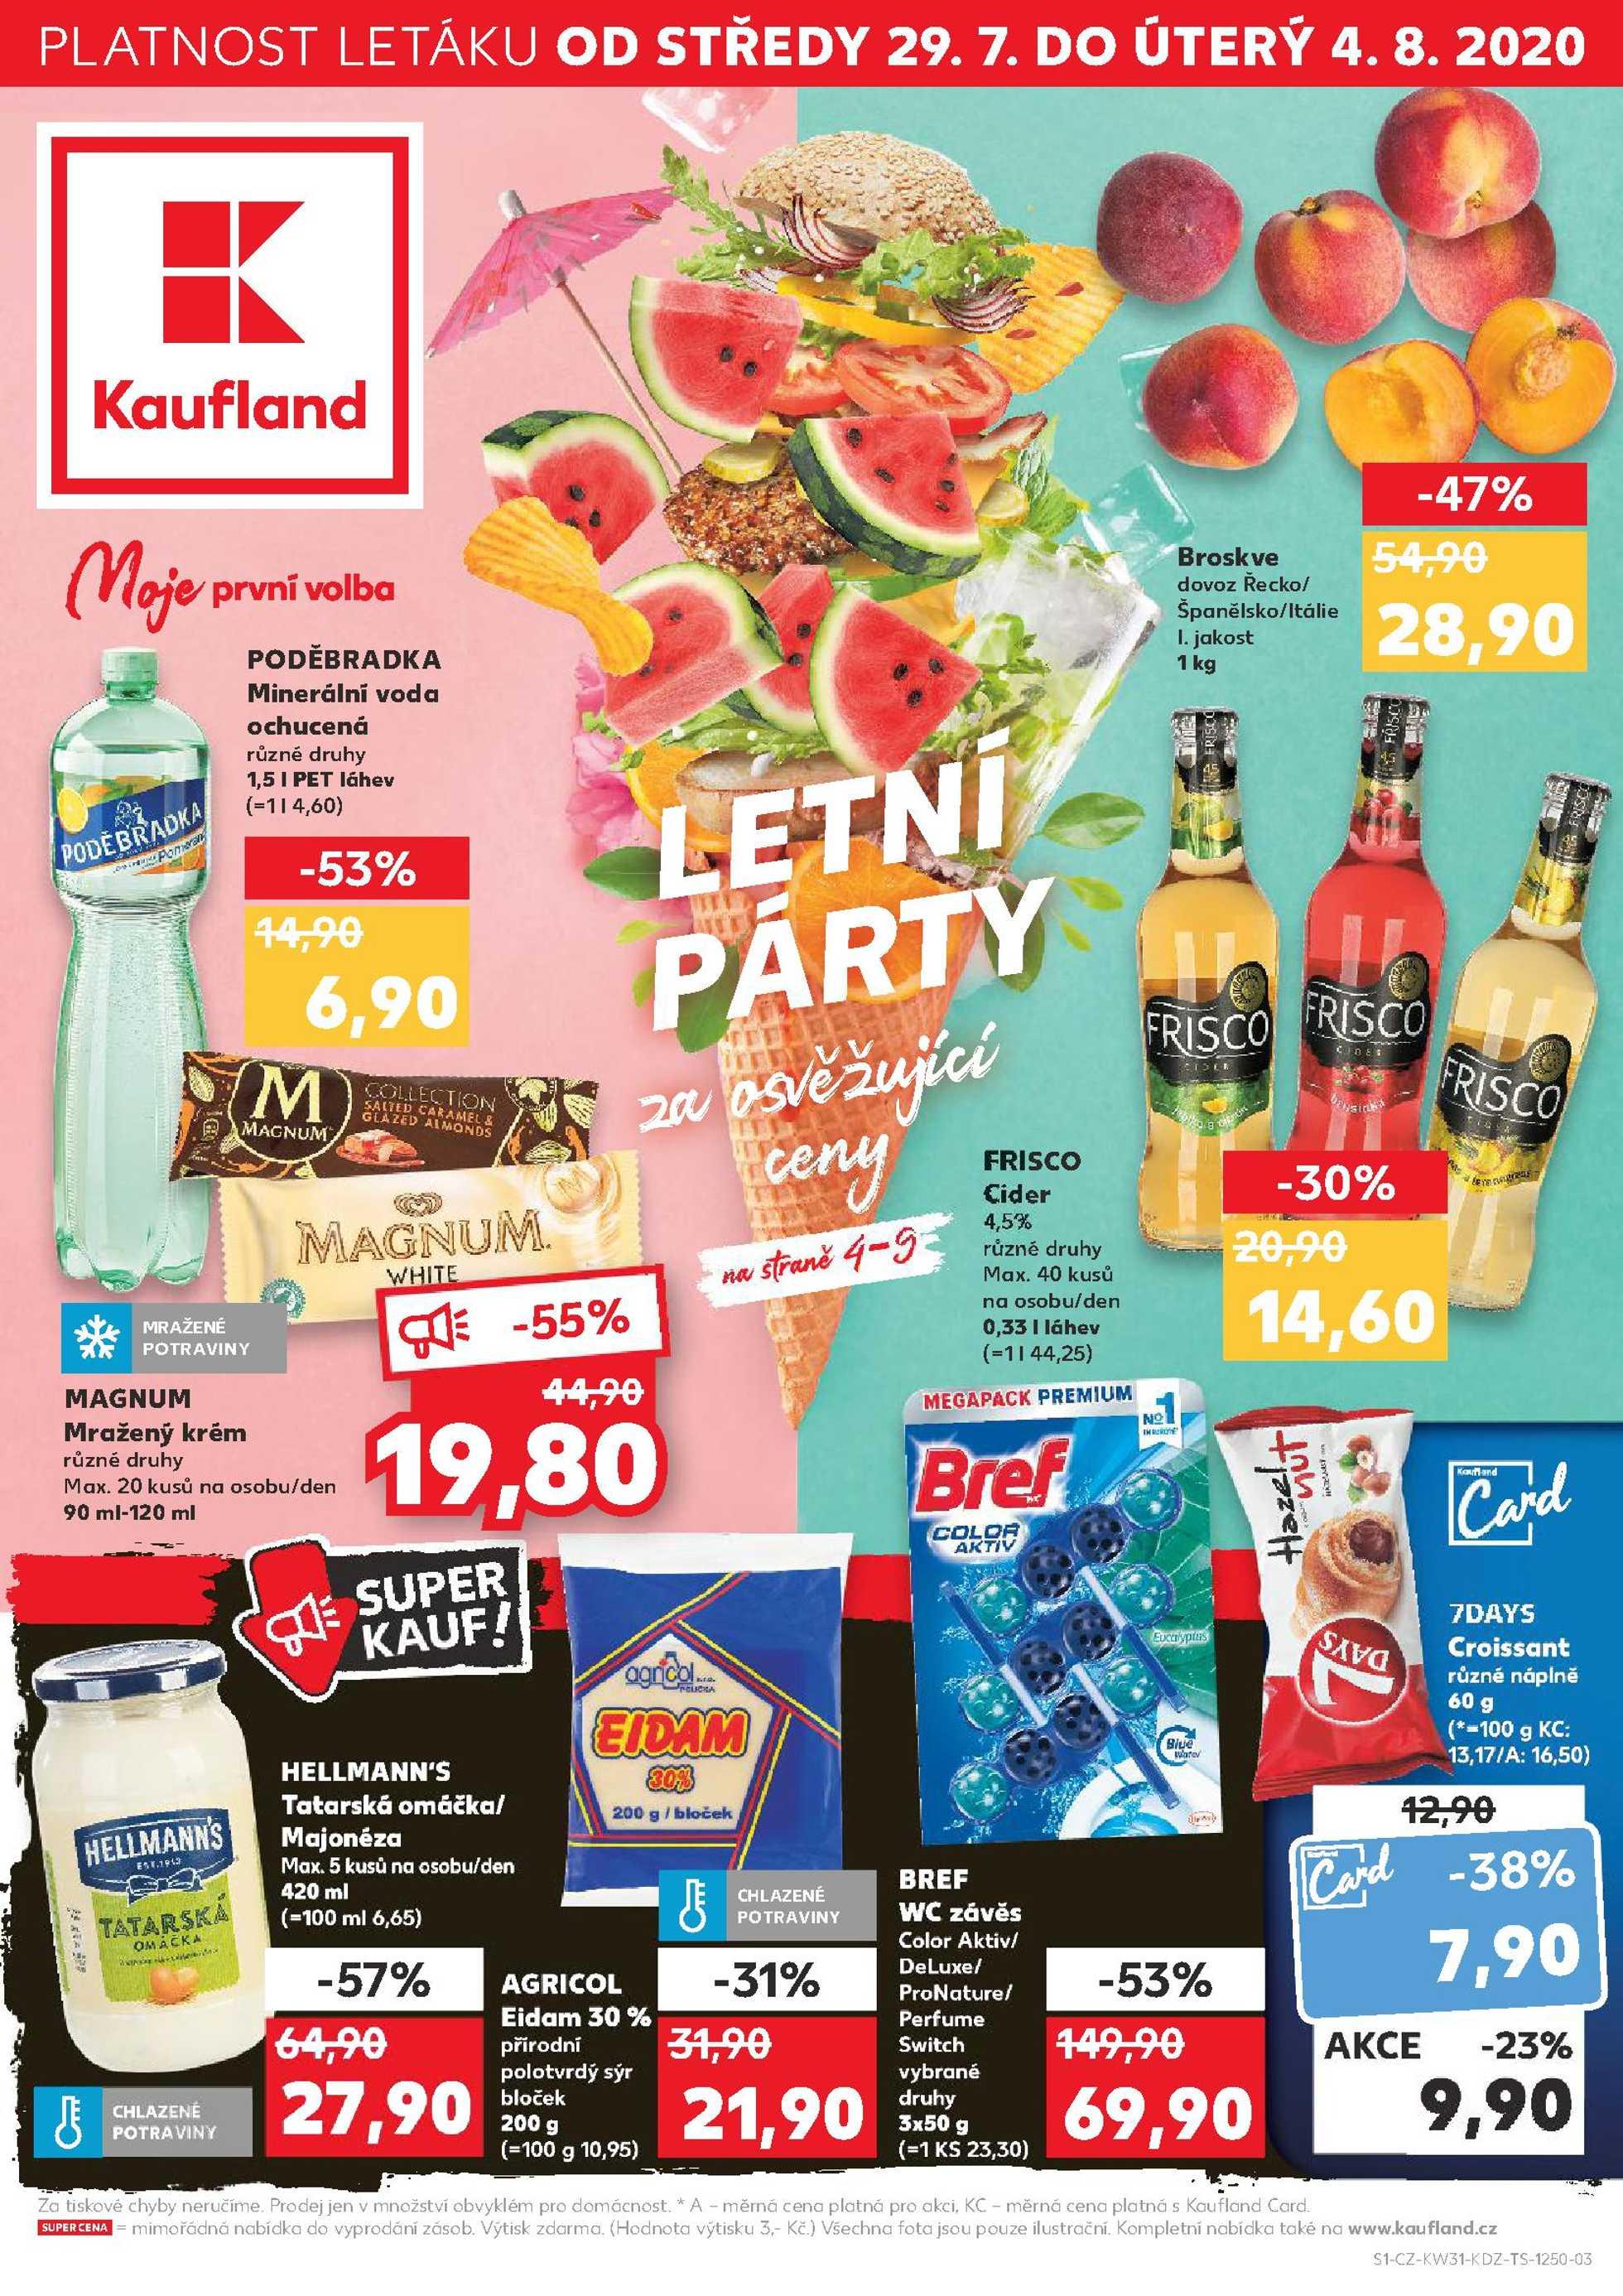 Kaufland - promo od 29.07.2020 do 04.08.2020 - stránka 1.